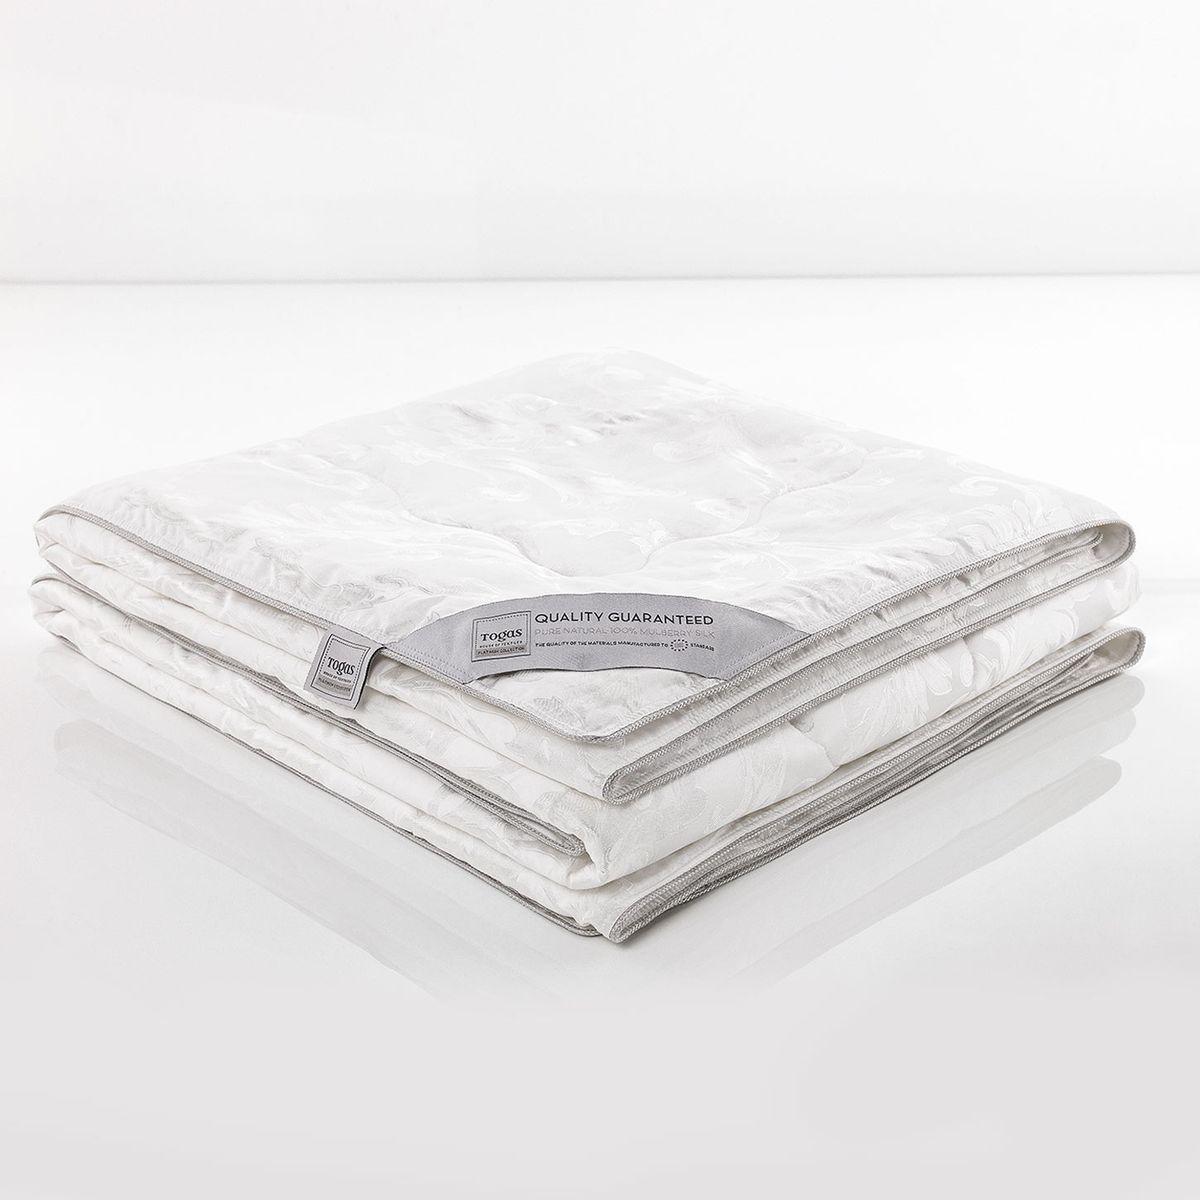 """Одеяло Шелк В Шелке. 47.3347.33Если Вы стремились к совершенству, - Вы его достигли: одеяло «Шелк в шелке» - настоящая жемчужина коллекции Togas. Ничто не сравнится с прикосновением натурального шелка к Вашей коже… Шелк - прекрасный натуральный терморегулятор. Он способен быстро поглощать тепло и поддерживать неизменную температуру тела вне зависимости от условий окружающей среды, создавая идеальный микроклимат. Шелк дышит: он хорошо впитывает и испаряет влагу, """"кондиционирует"""" тело во время сна, насыщая его кислородом. Одеяло, сделанное из натурального шелка сорта Малбери, отличается особой нежностью и абсолютной невесомостью."""